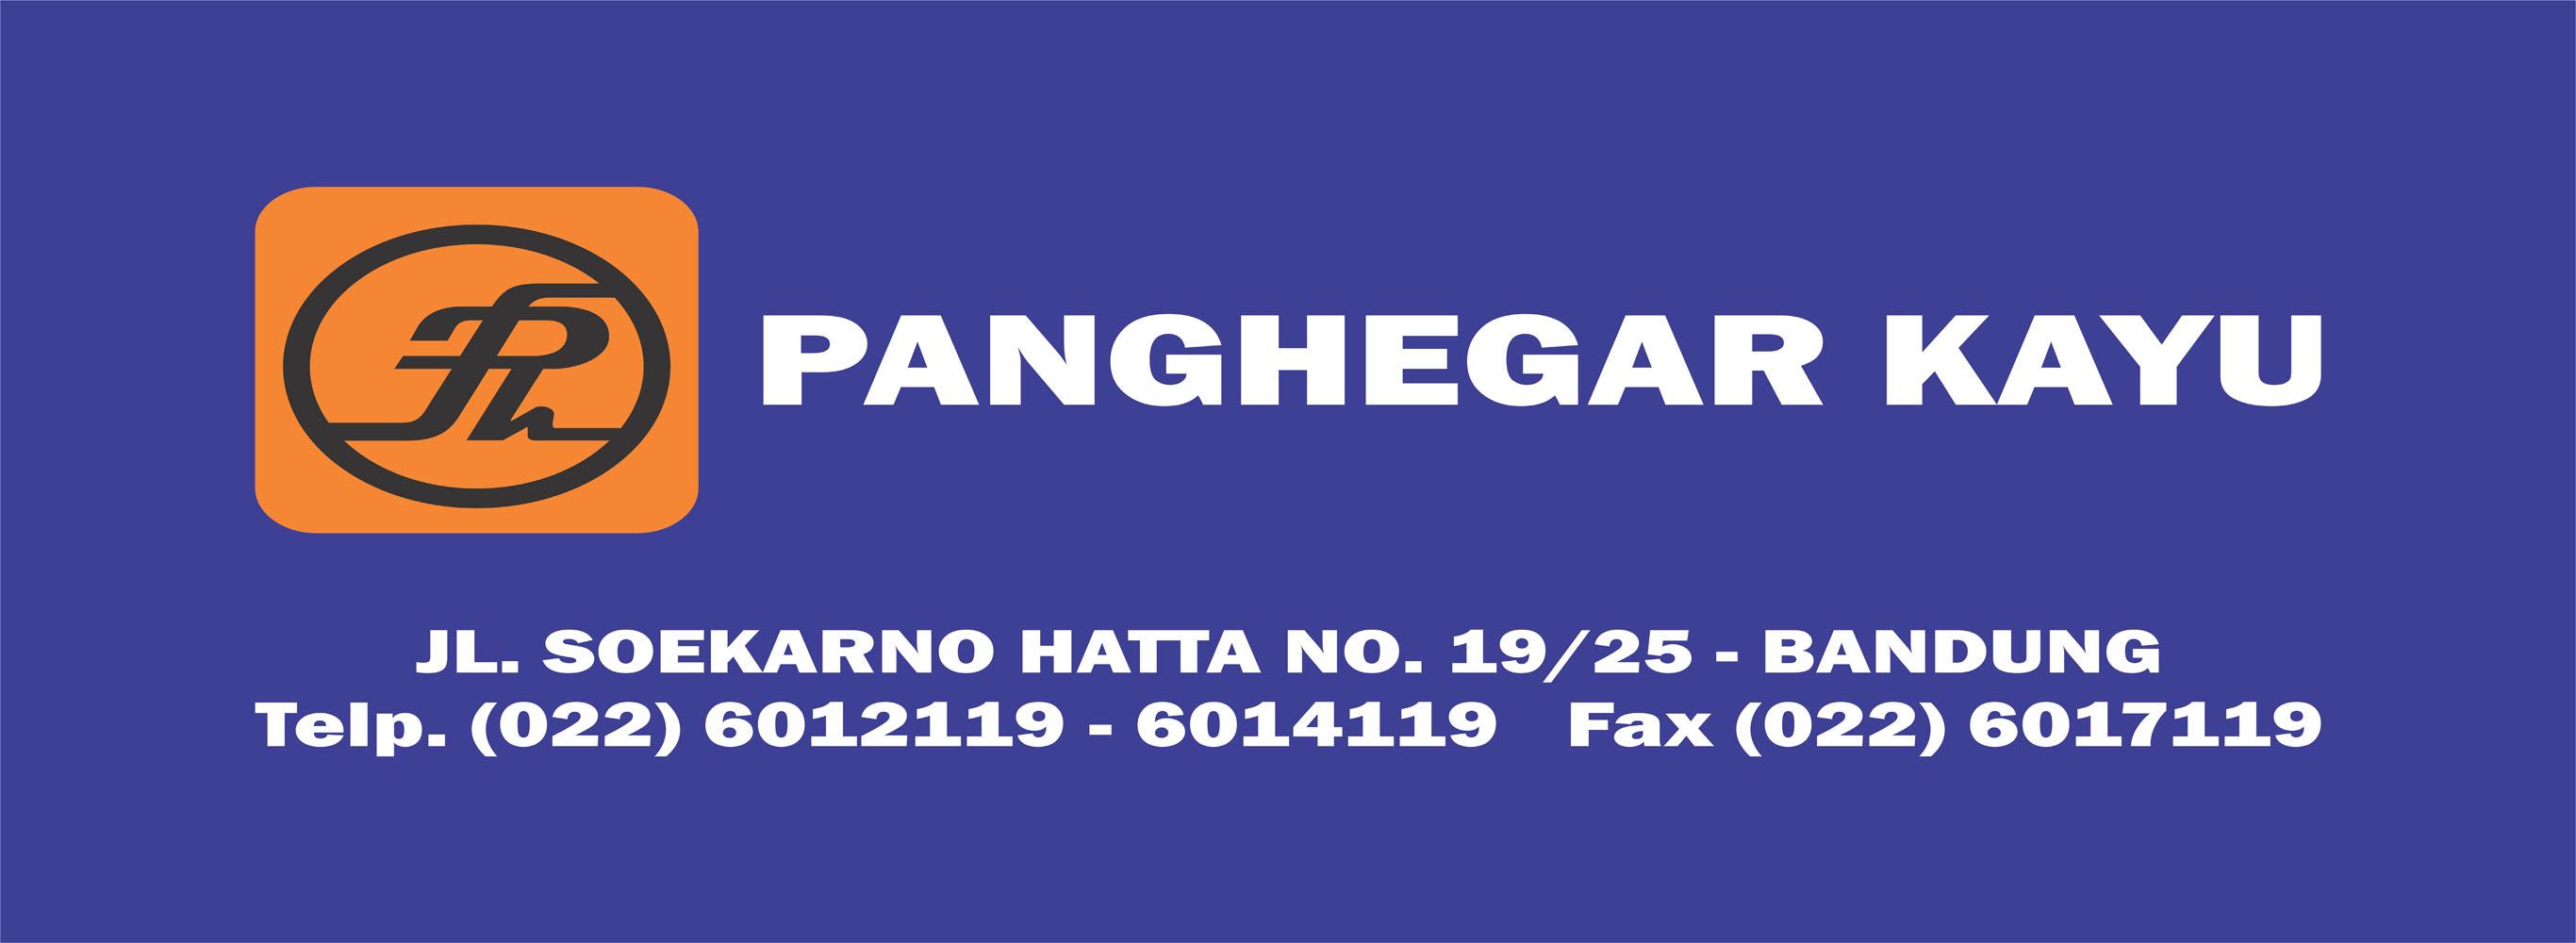 Panghegar Kayu